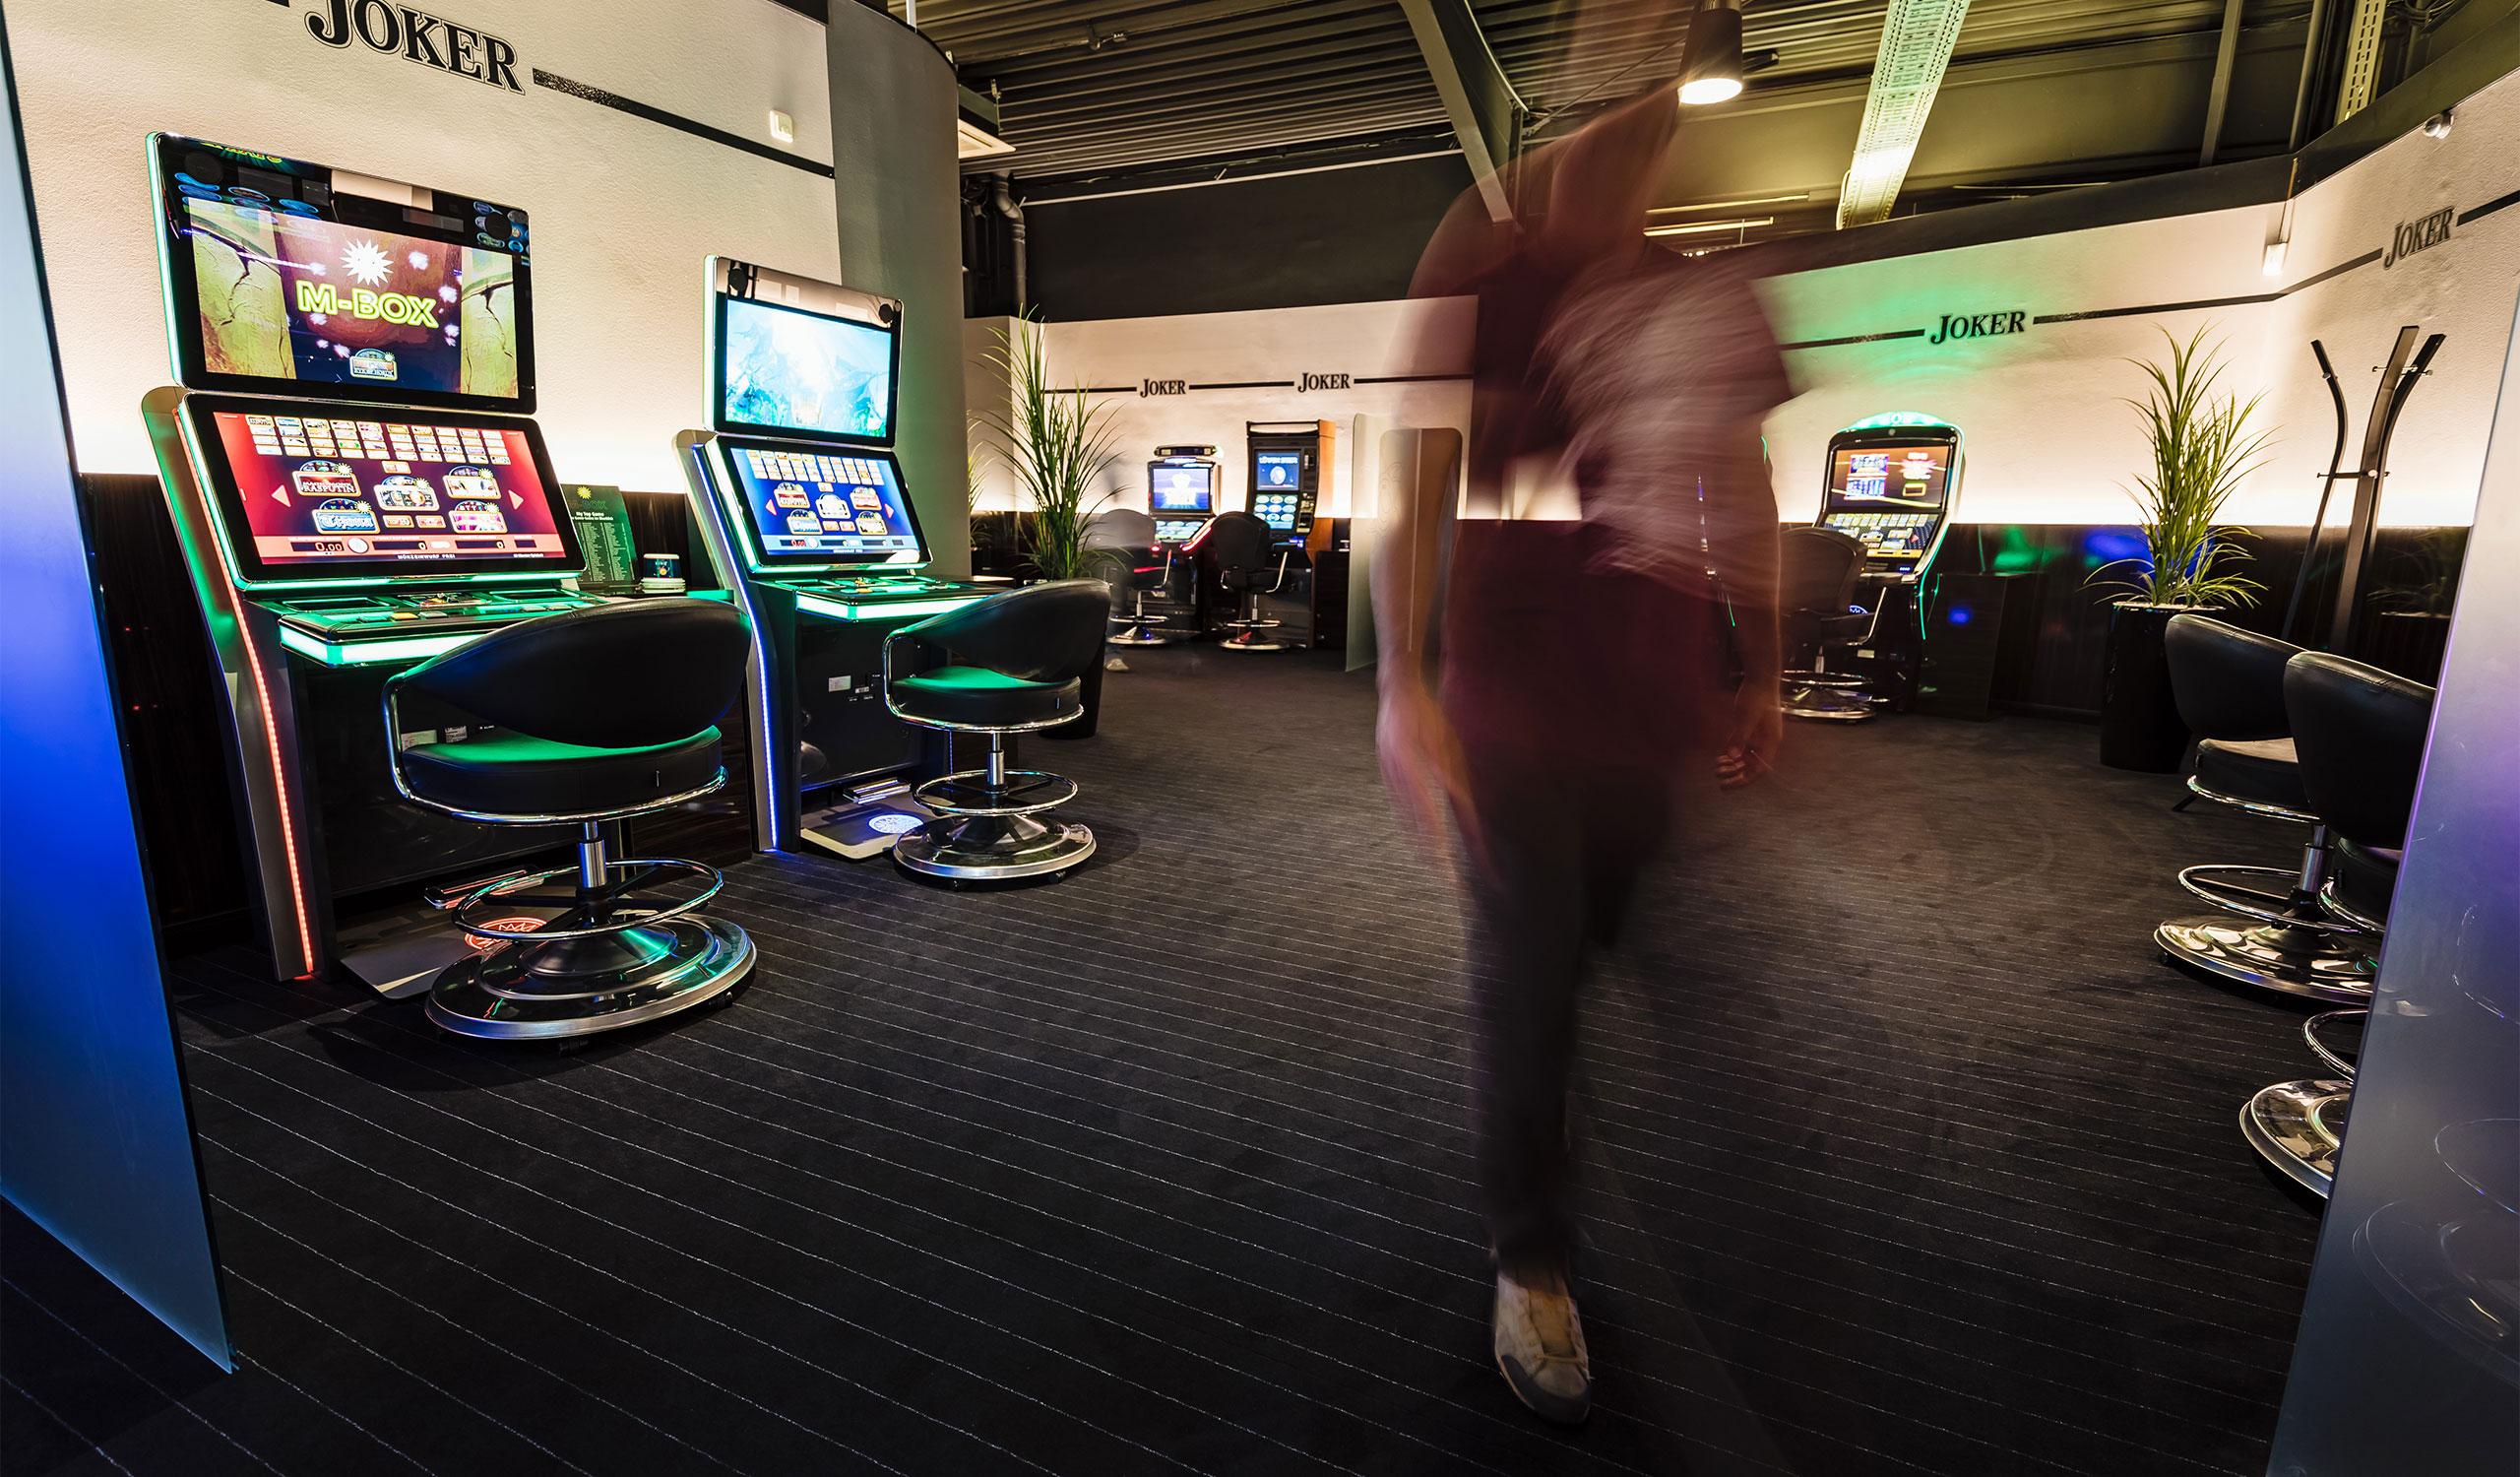 Joker casino singen delaware park poker blog